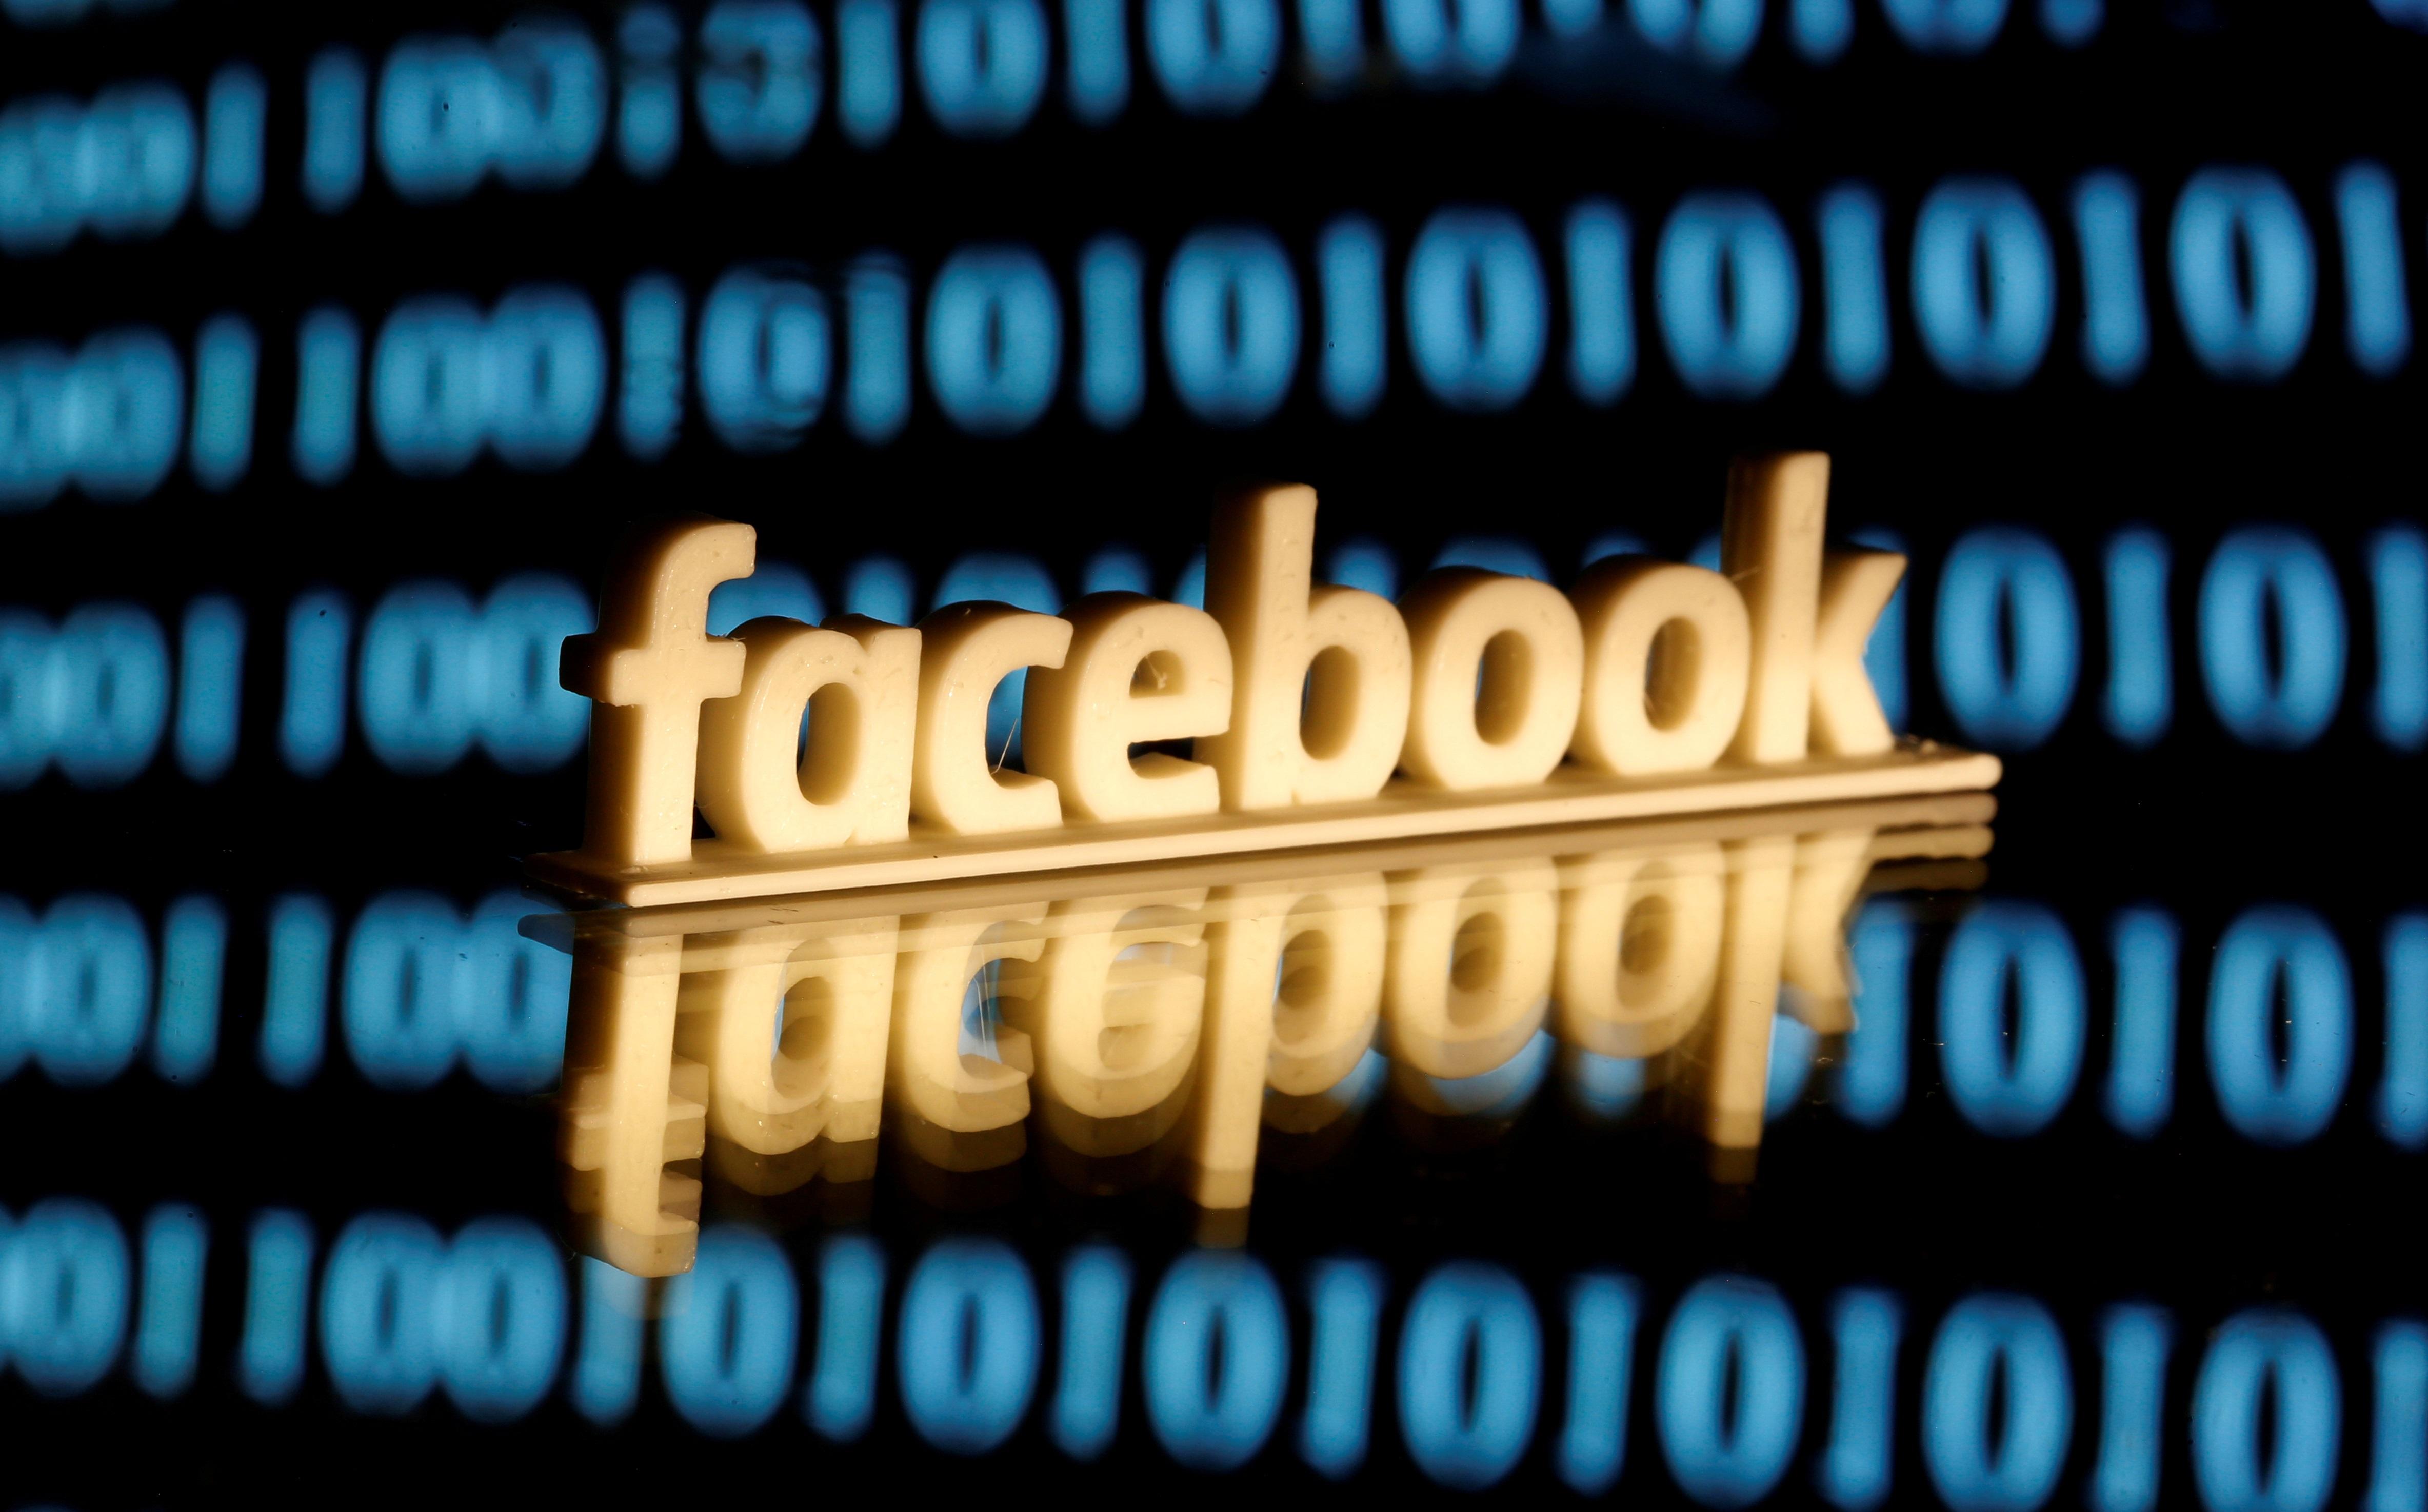 Προβλήματα στο Facebook και το Instagram λόγω συντήρησης δικτύου!